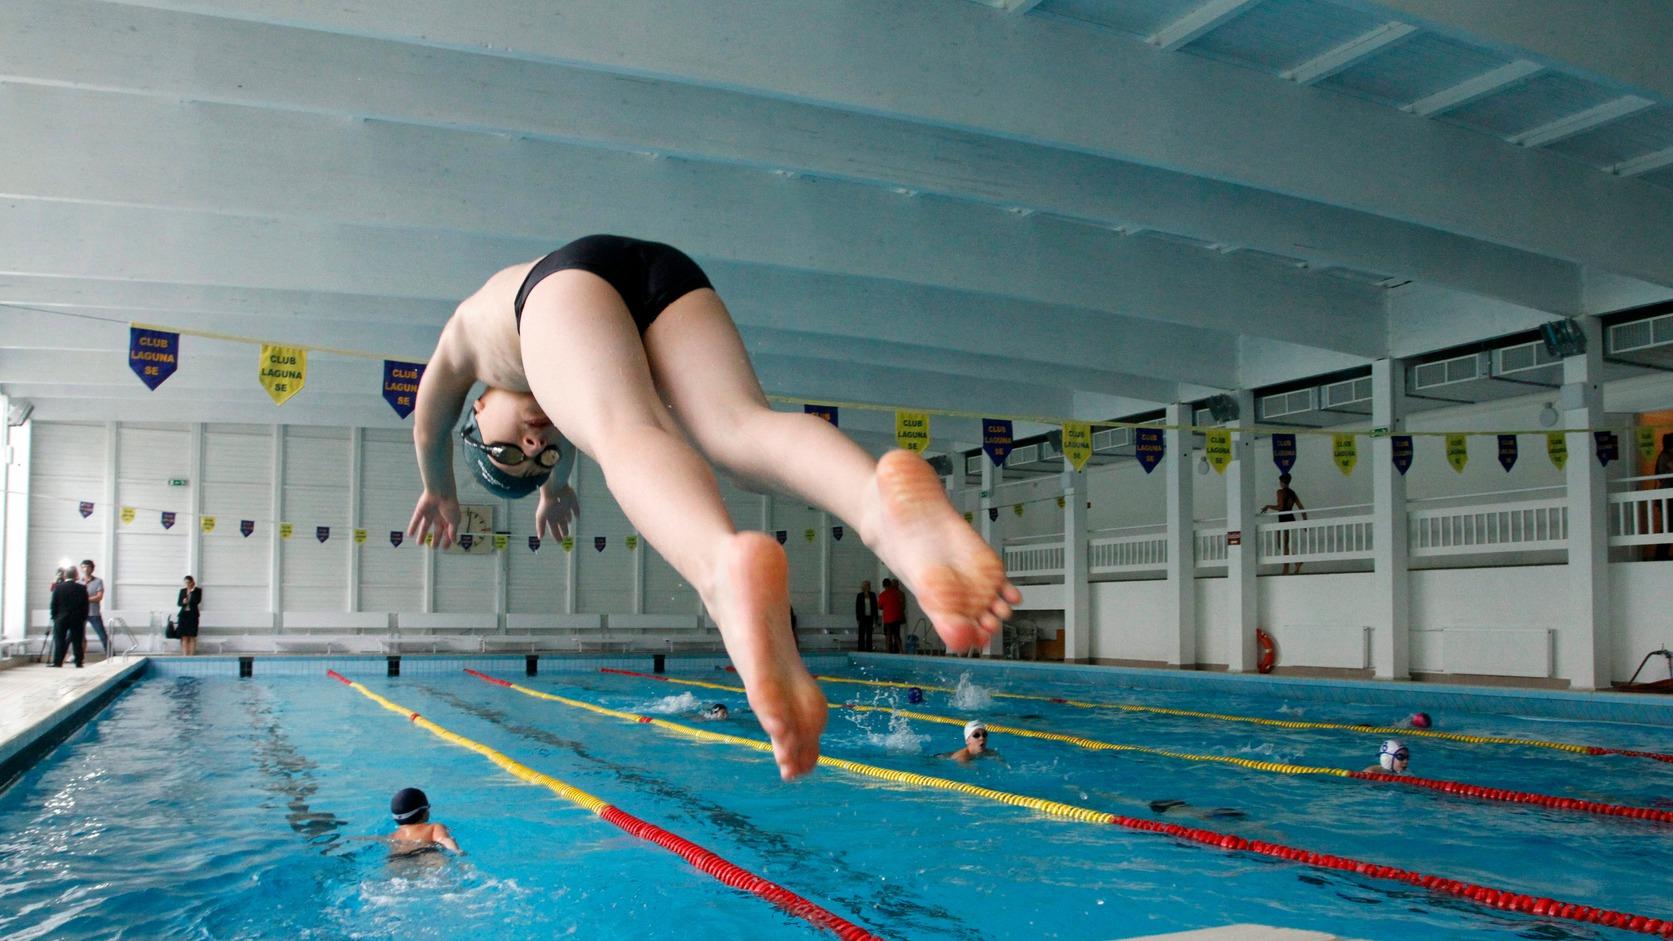 Gyerekek úsznak a felújított Diósgyőri Tanuszodában Miskolcon 2014. szeptember 22-én. MTI Fotó: Vajda János